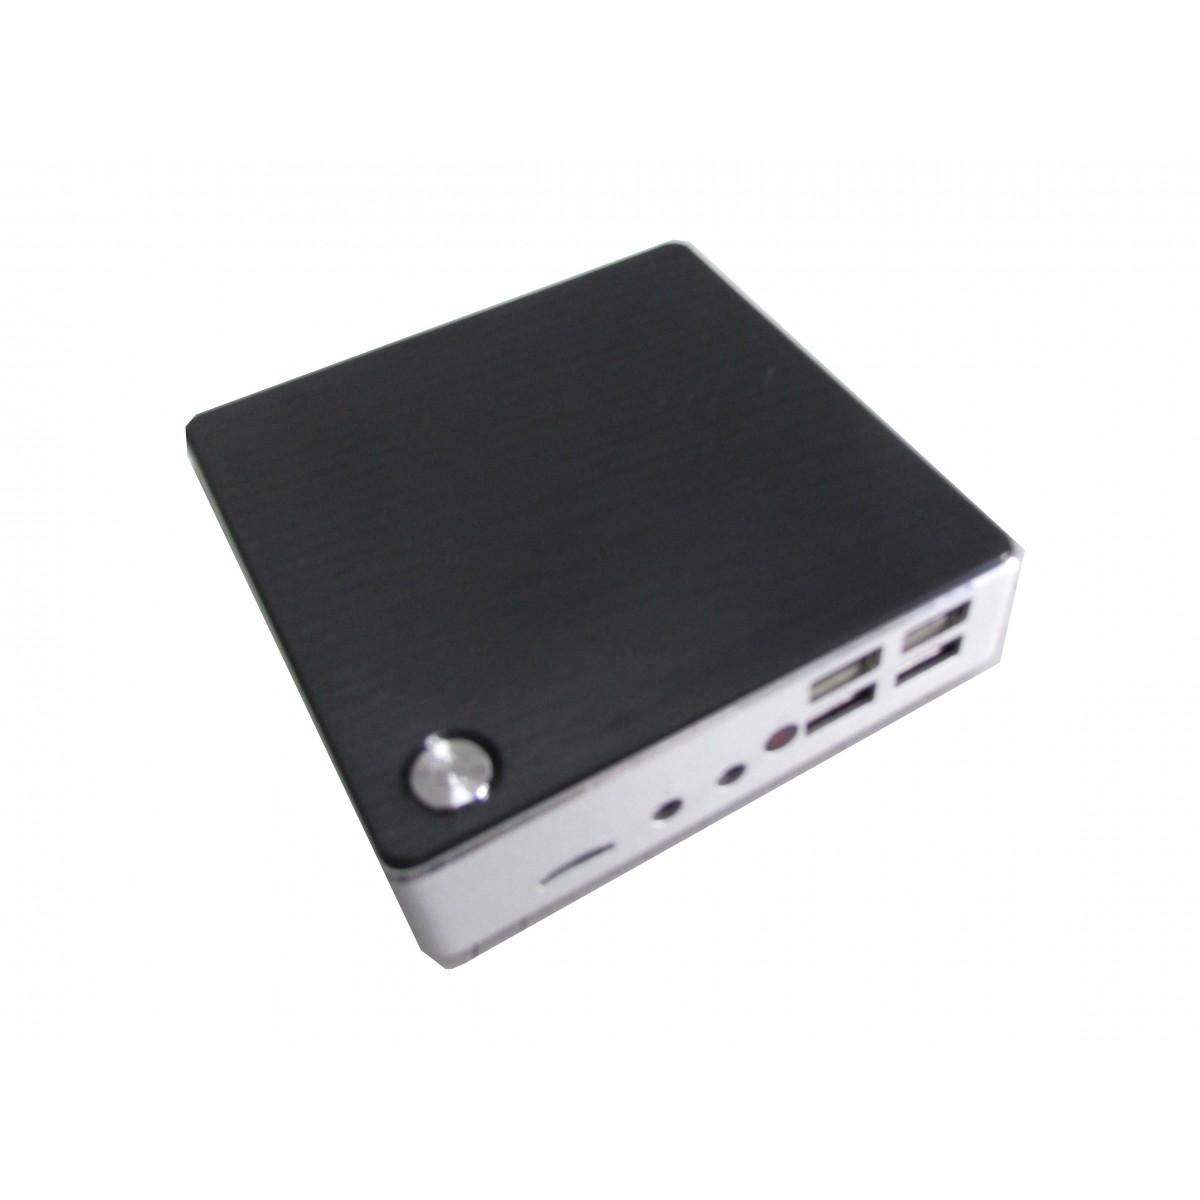 Mini PC CPU CIS Smart Box C3 CW-10 Computador para Automação 2Gb Ram 32 Gb SSD com Windows 10